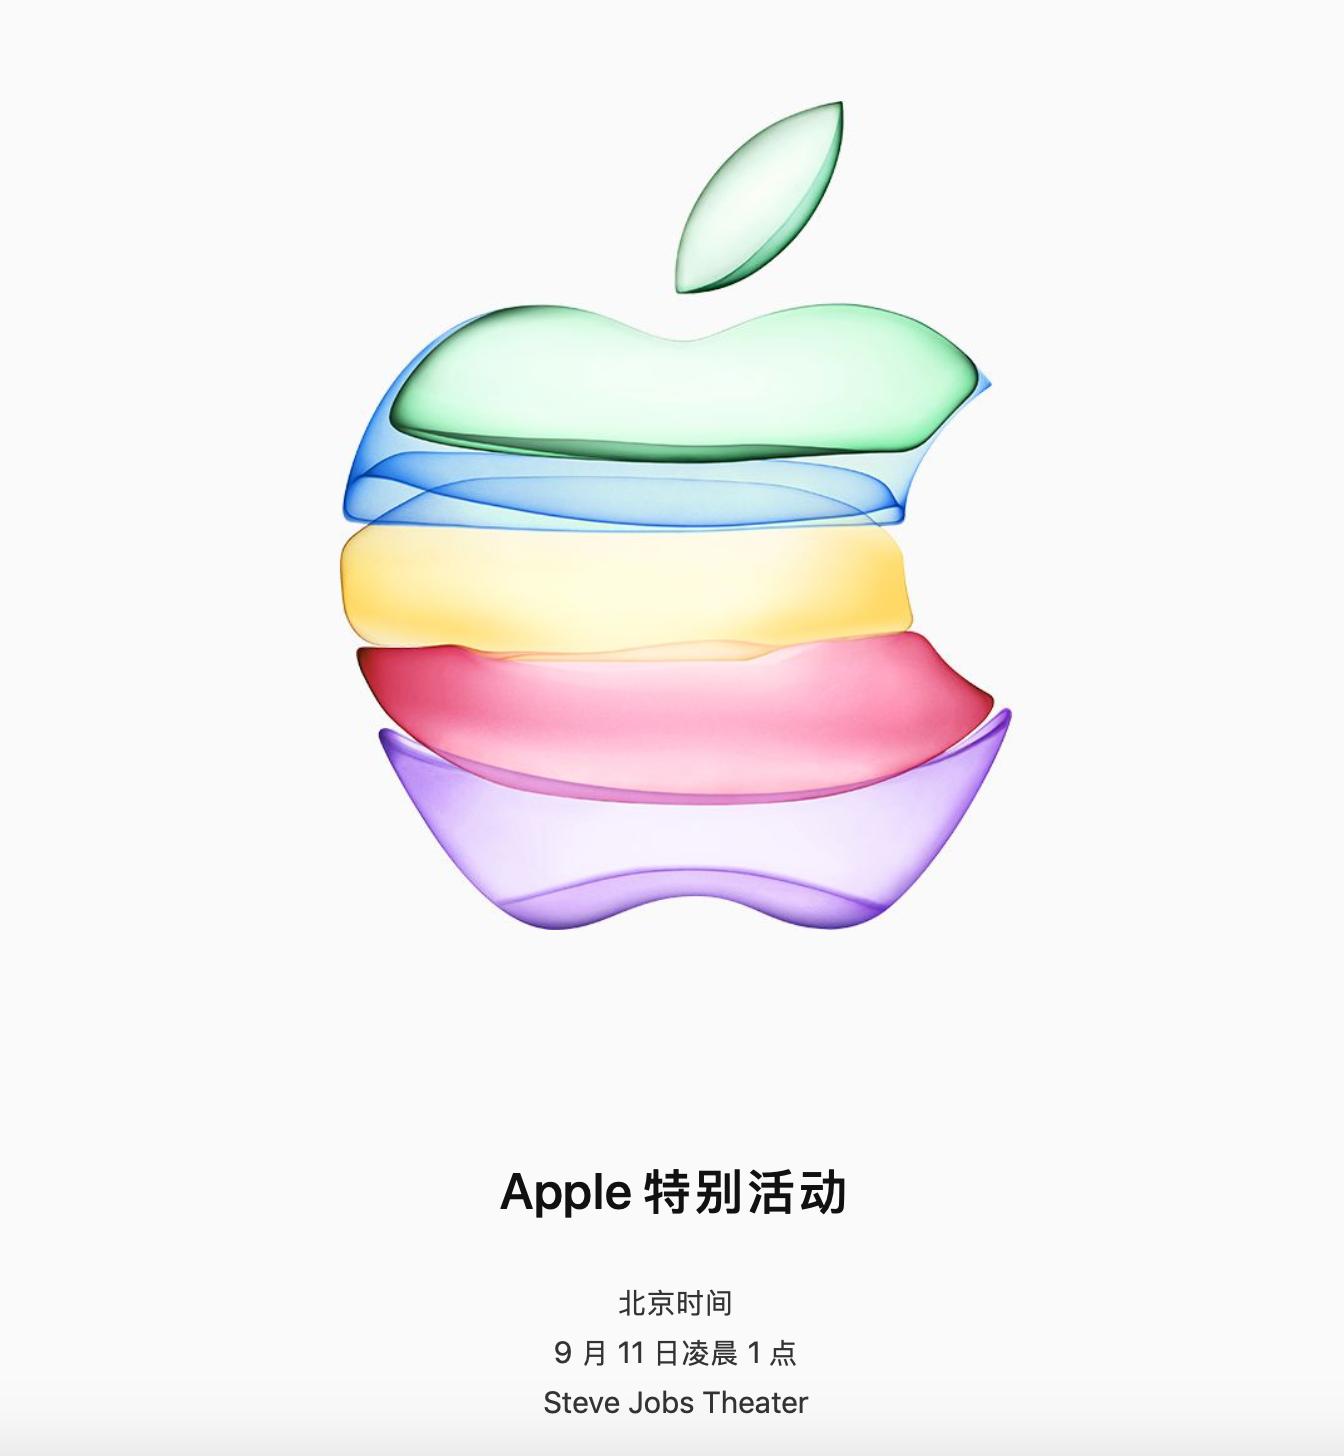 """苹果约请函变身""""西瓜霜""""?五彩缤纷亮人眼!"""